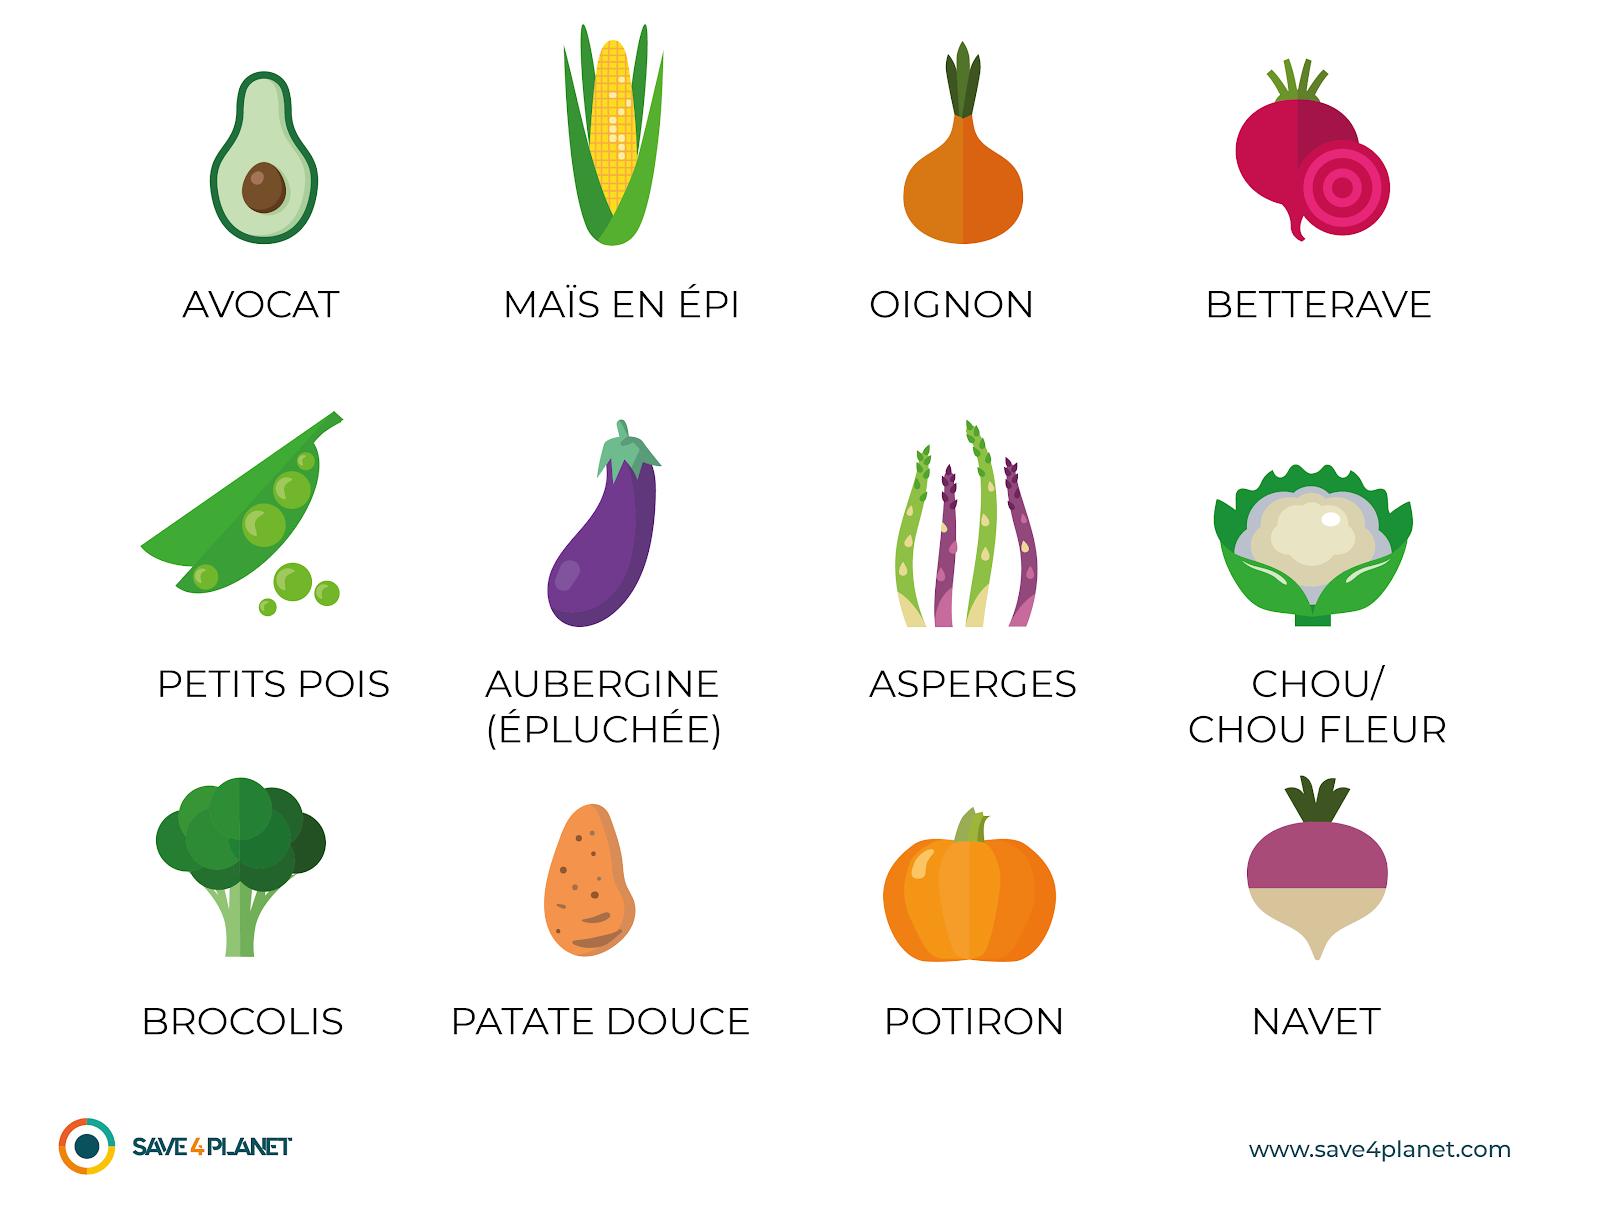 Schéma légumes les moins pollués en 2020 image